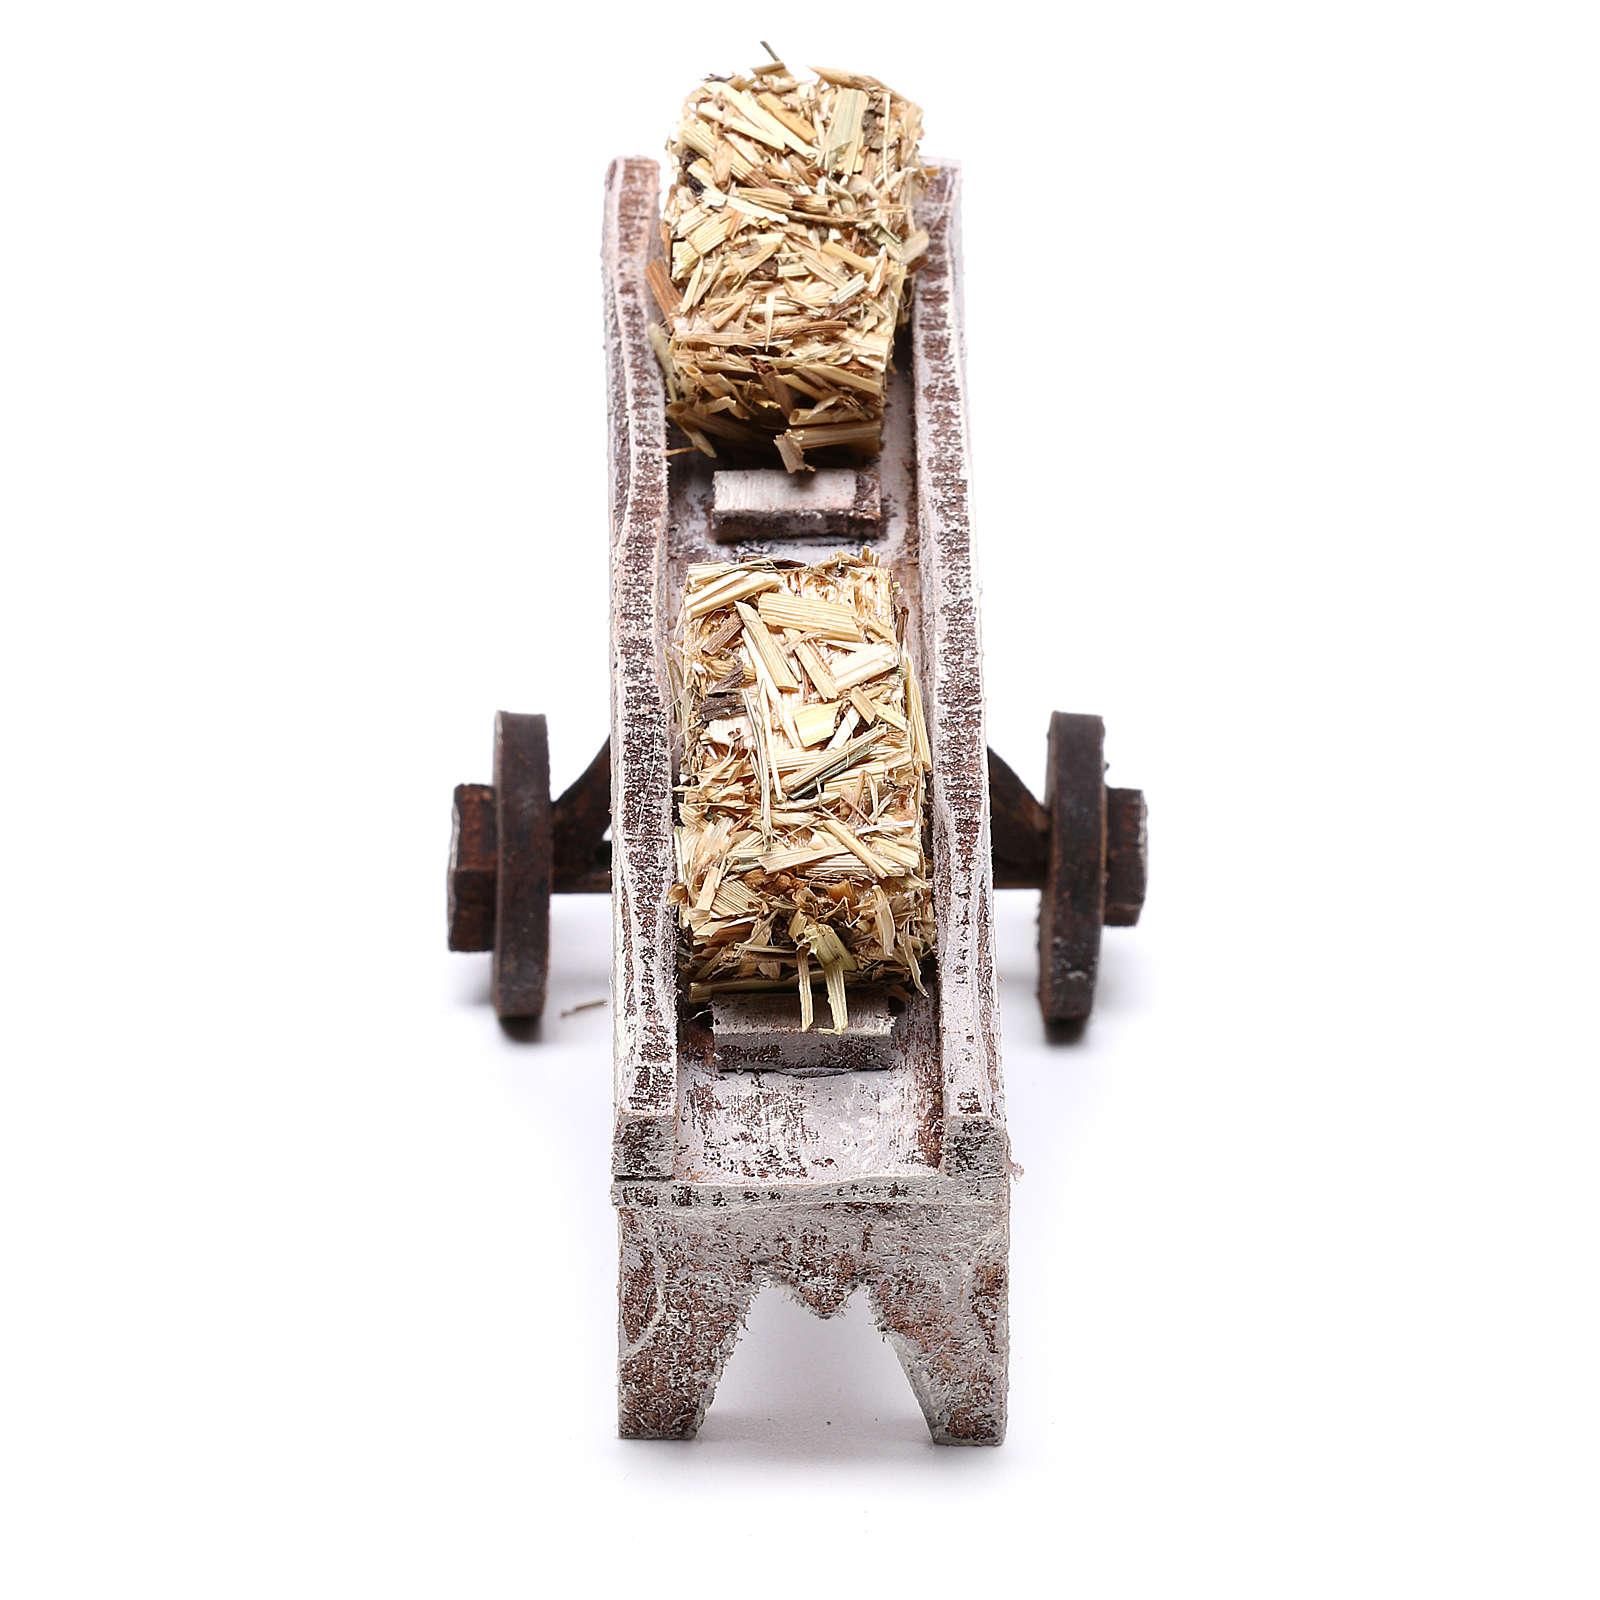 Accessorio per fieno di 10x10x5 cm per presepe di 10 cm  4